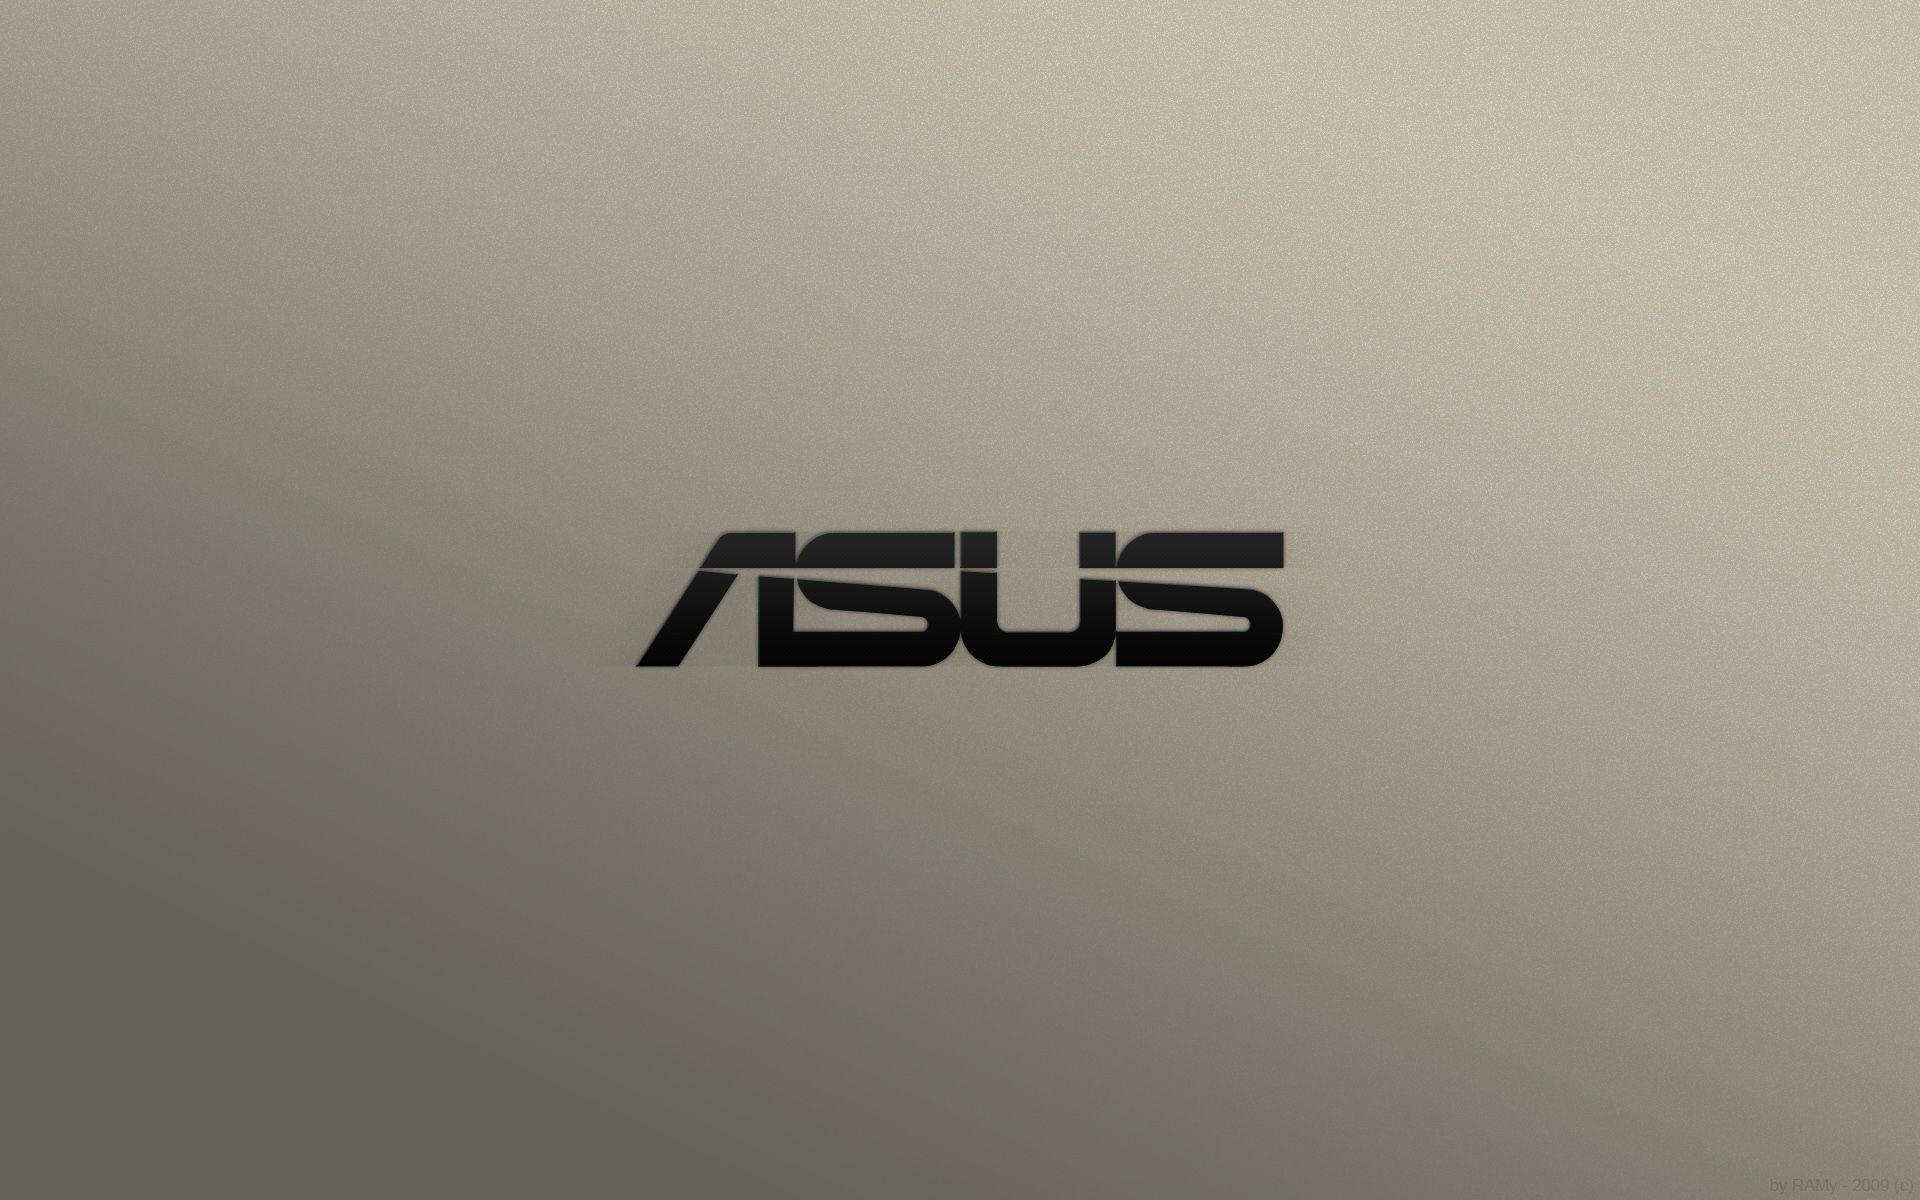 Asus Mobile Wallpaper: Asus Wallpaper HD (79+ Images